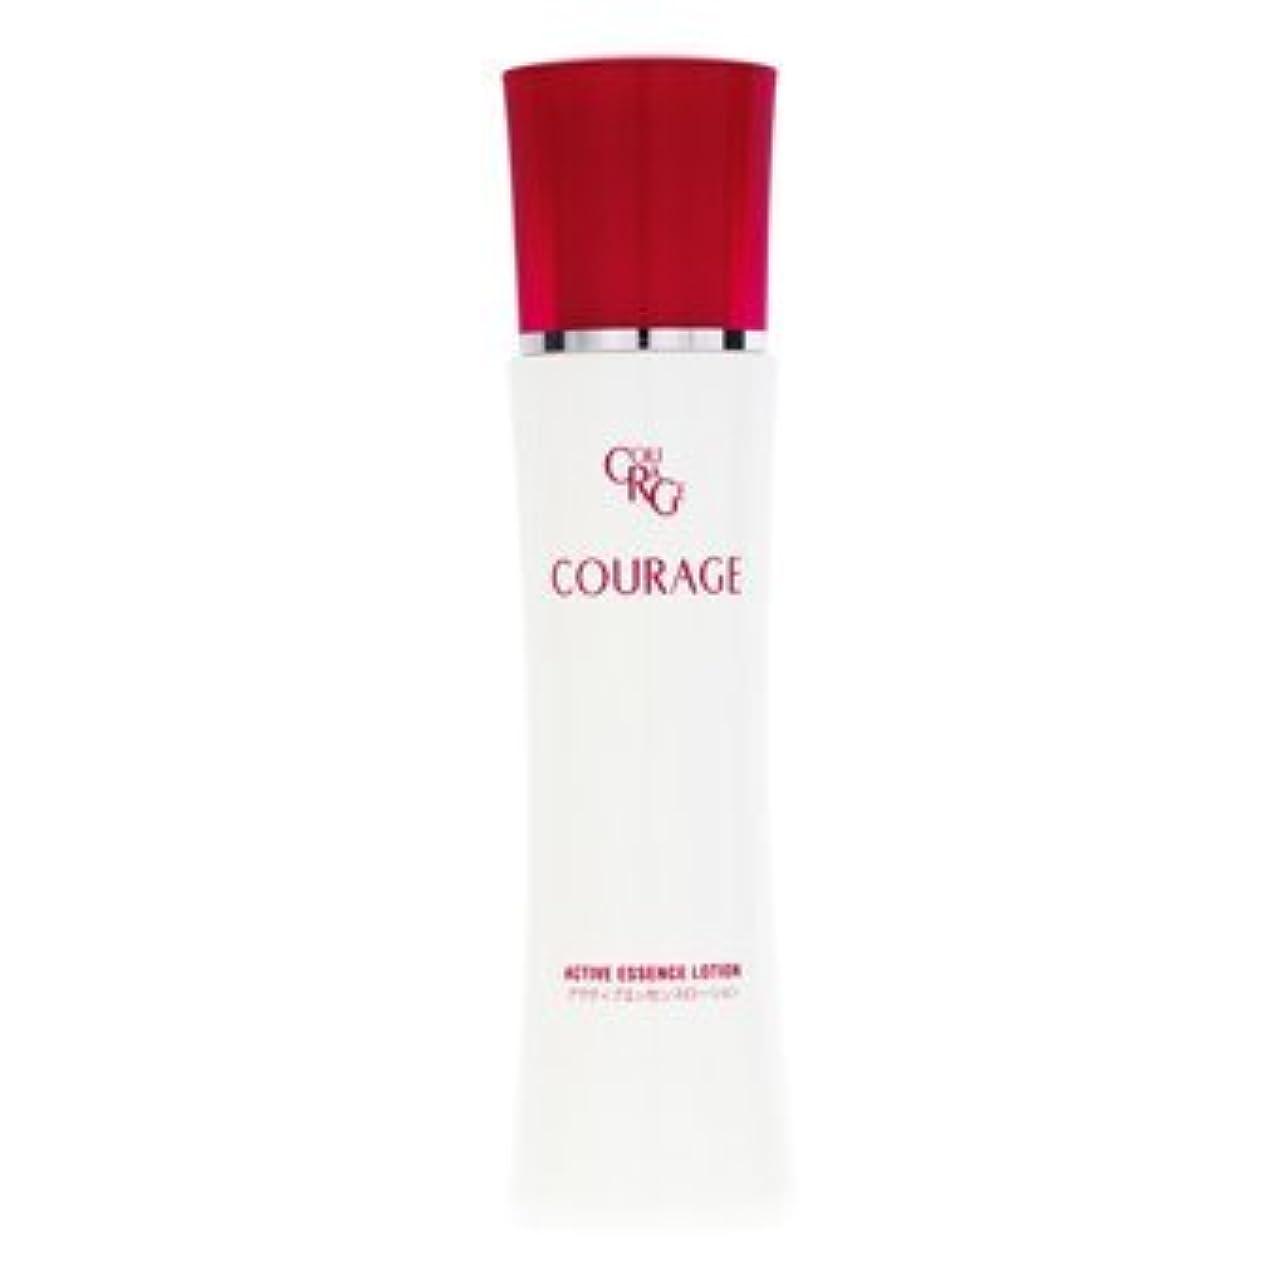 印象的な純粋なパラメータクラージュ アクティブエッセンスローション(化粧水)